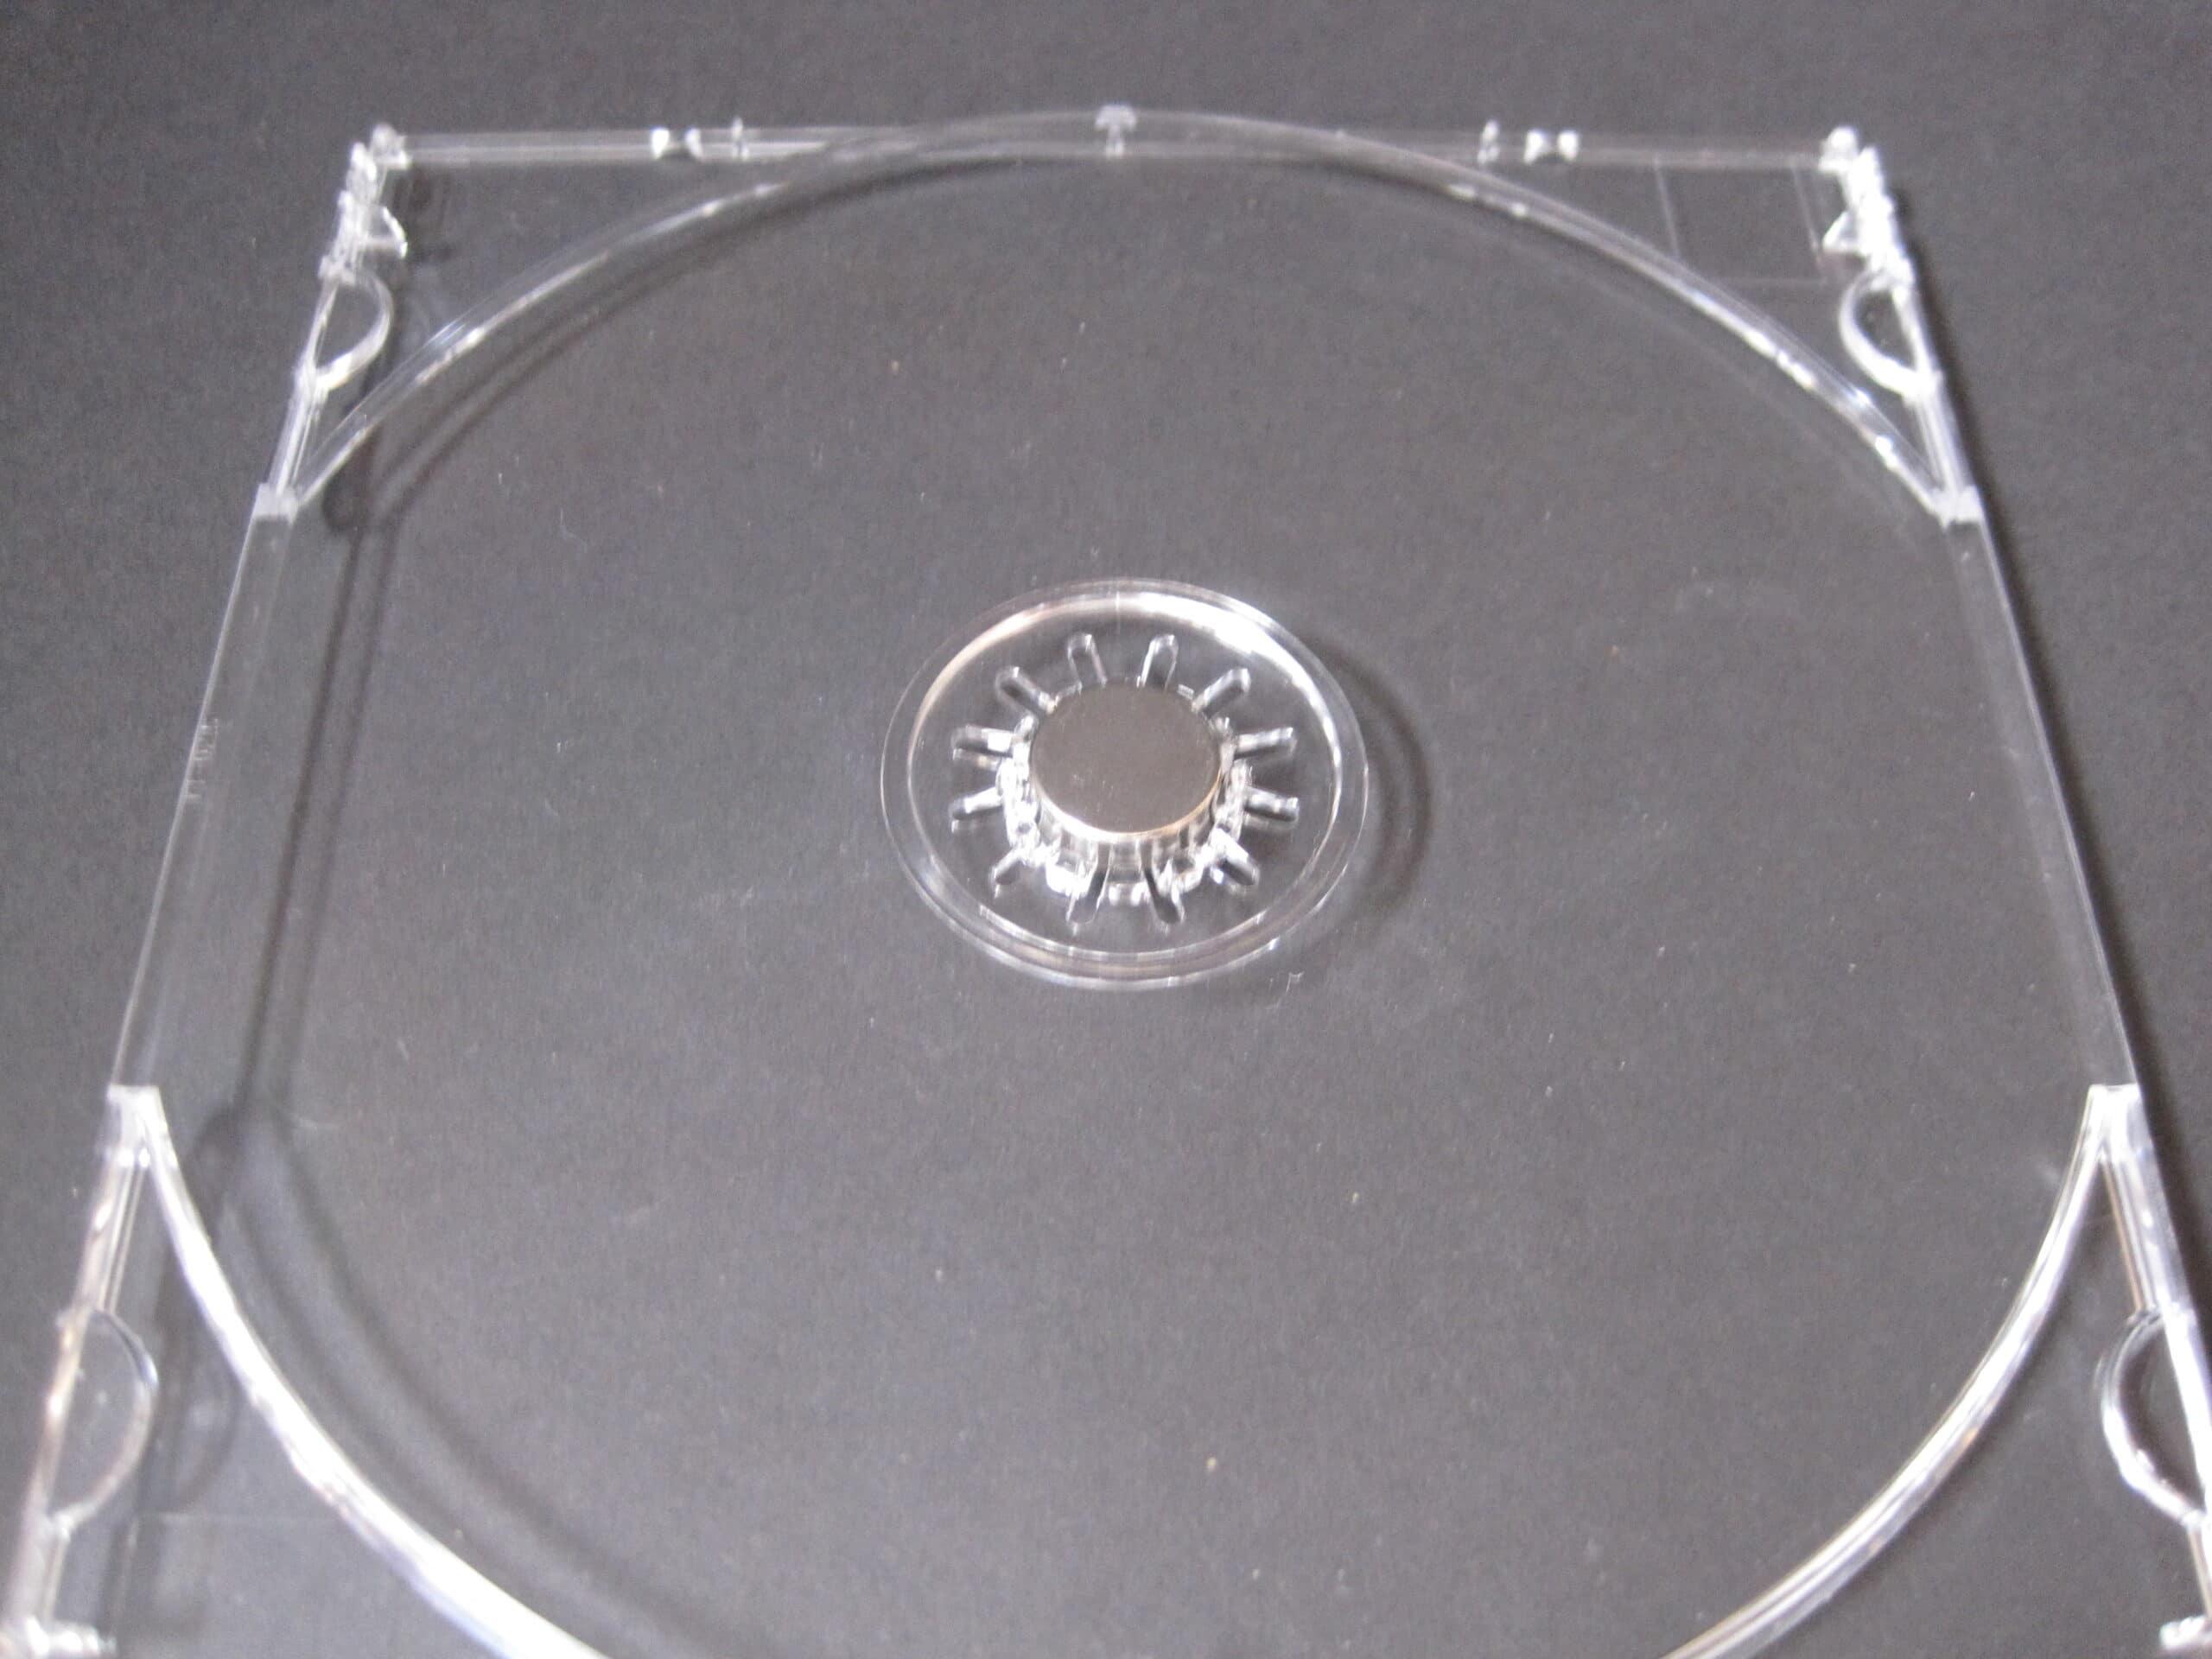 Plaats het magneetje in de binnenkap. De afmetingen komen precies overeen